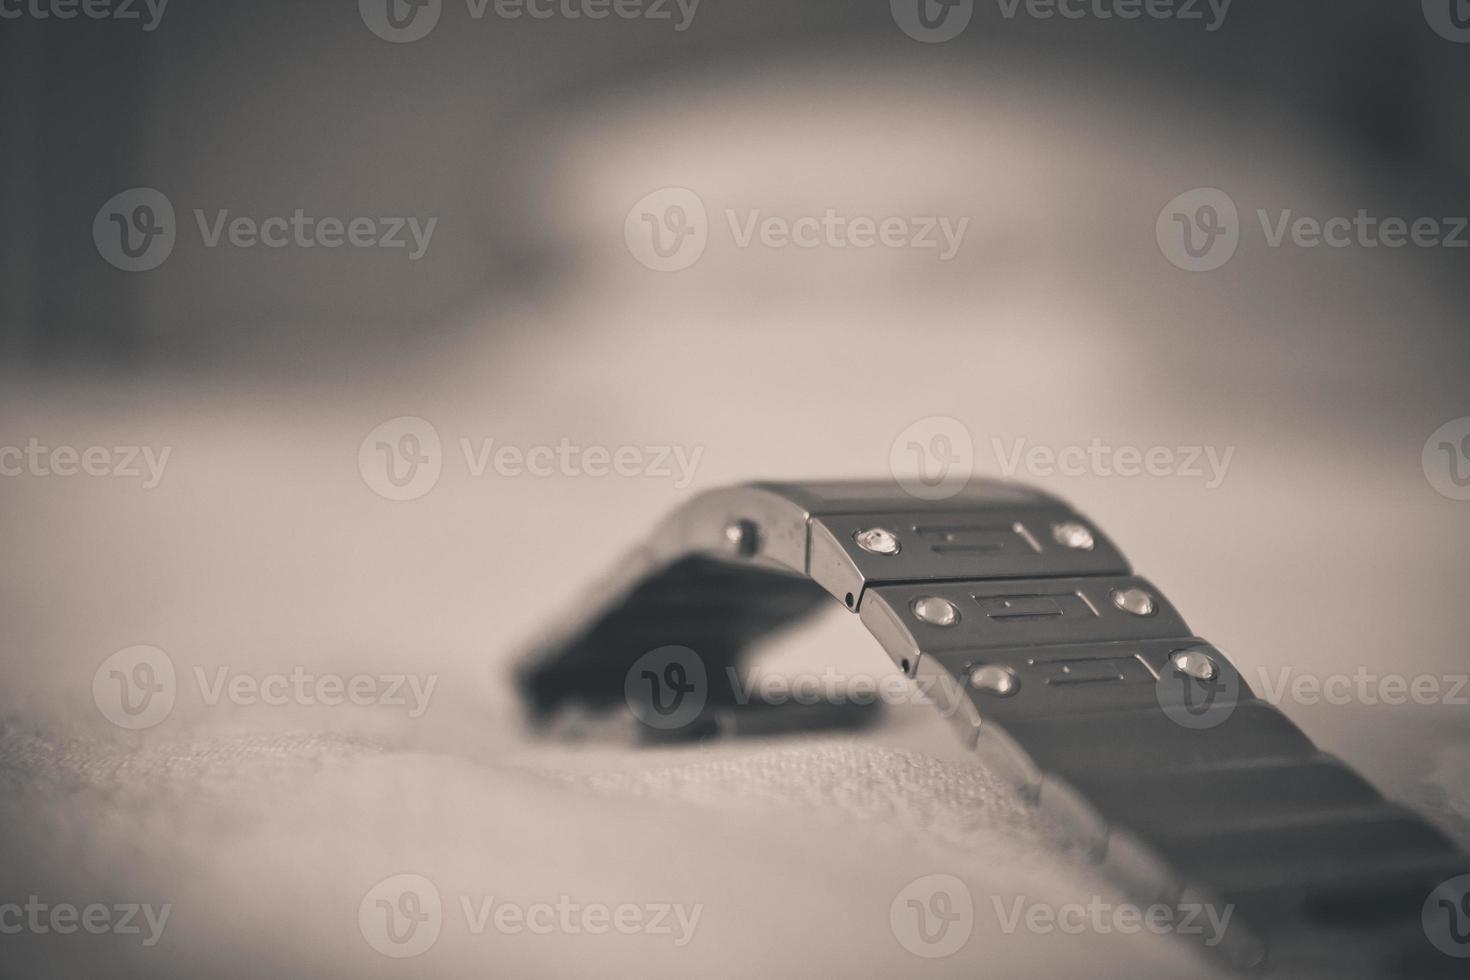 närbild av ett klockarmband av metall är på en vit trasa. vita stenar inbäddade i klockarmbandet. suddig bakgrund. foto